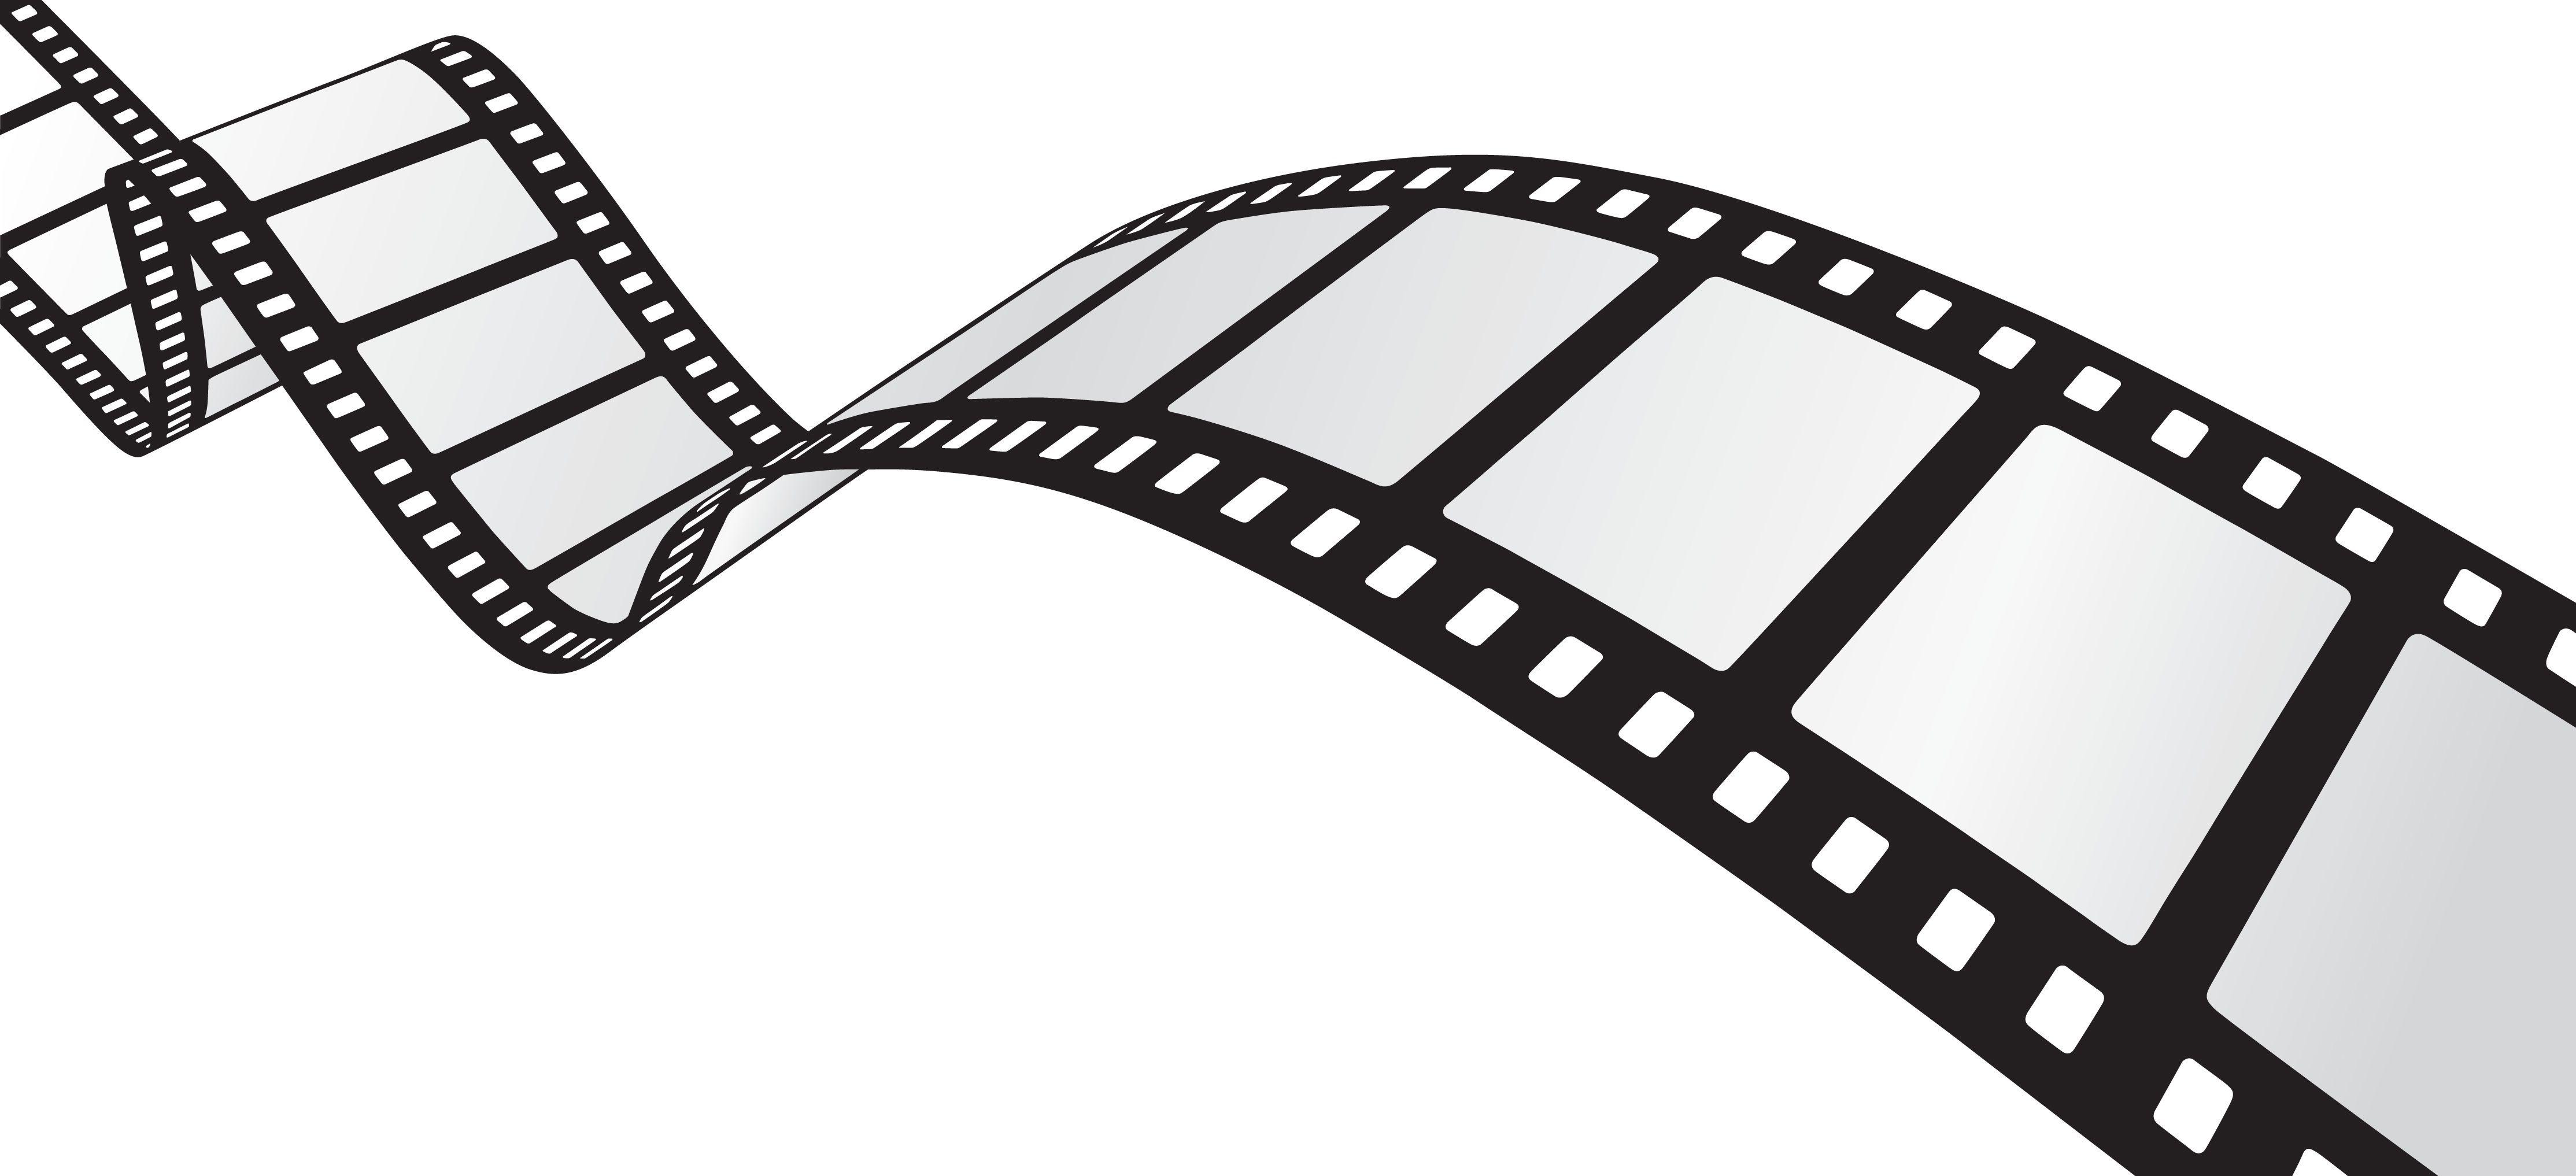 Film clipart. Pics for reel graduation